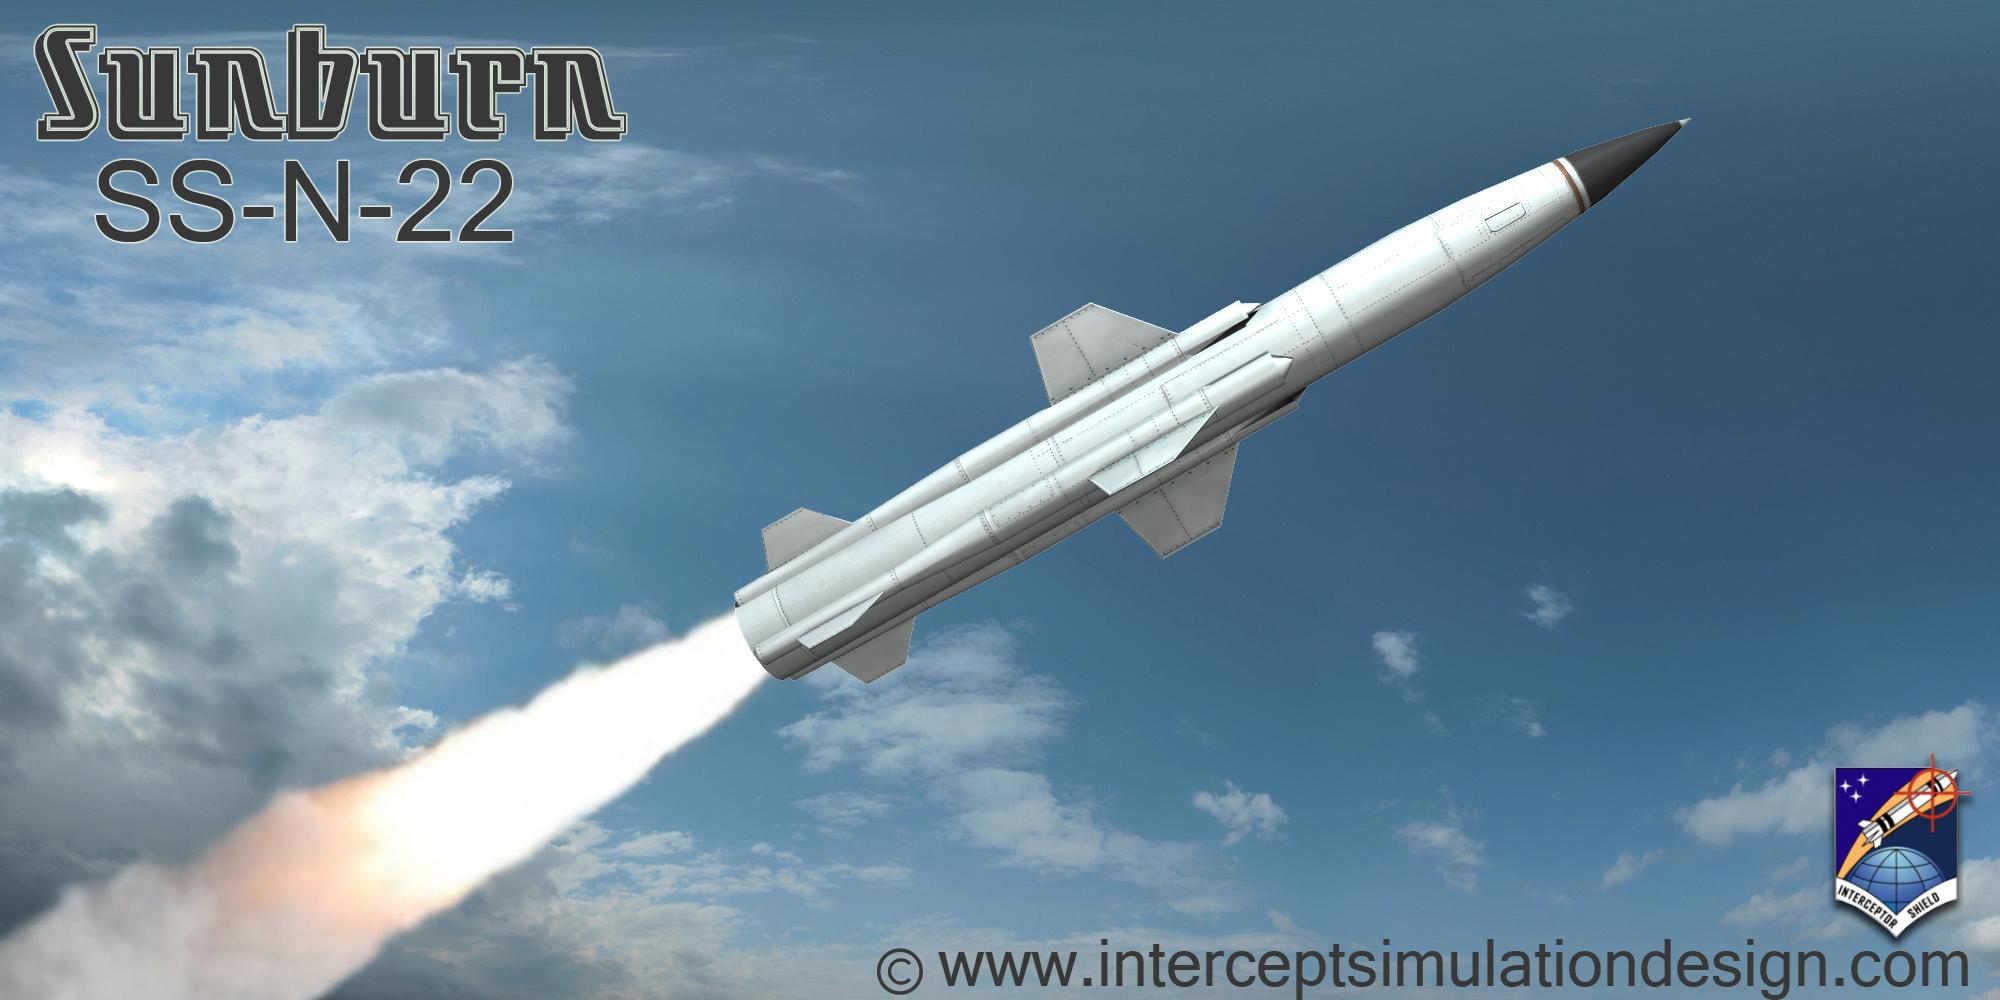 أحدث أنظمة الصواريخ المضادة للسفن في الترسانة العالمية  SS-N-22-sunburn